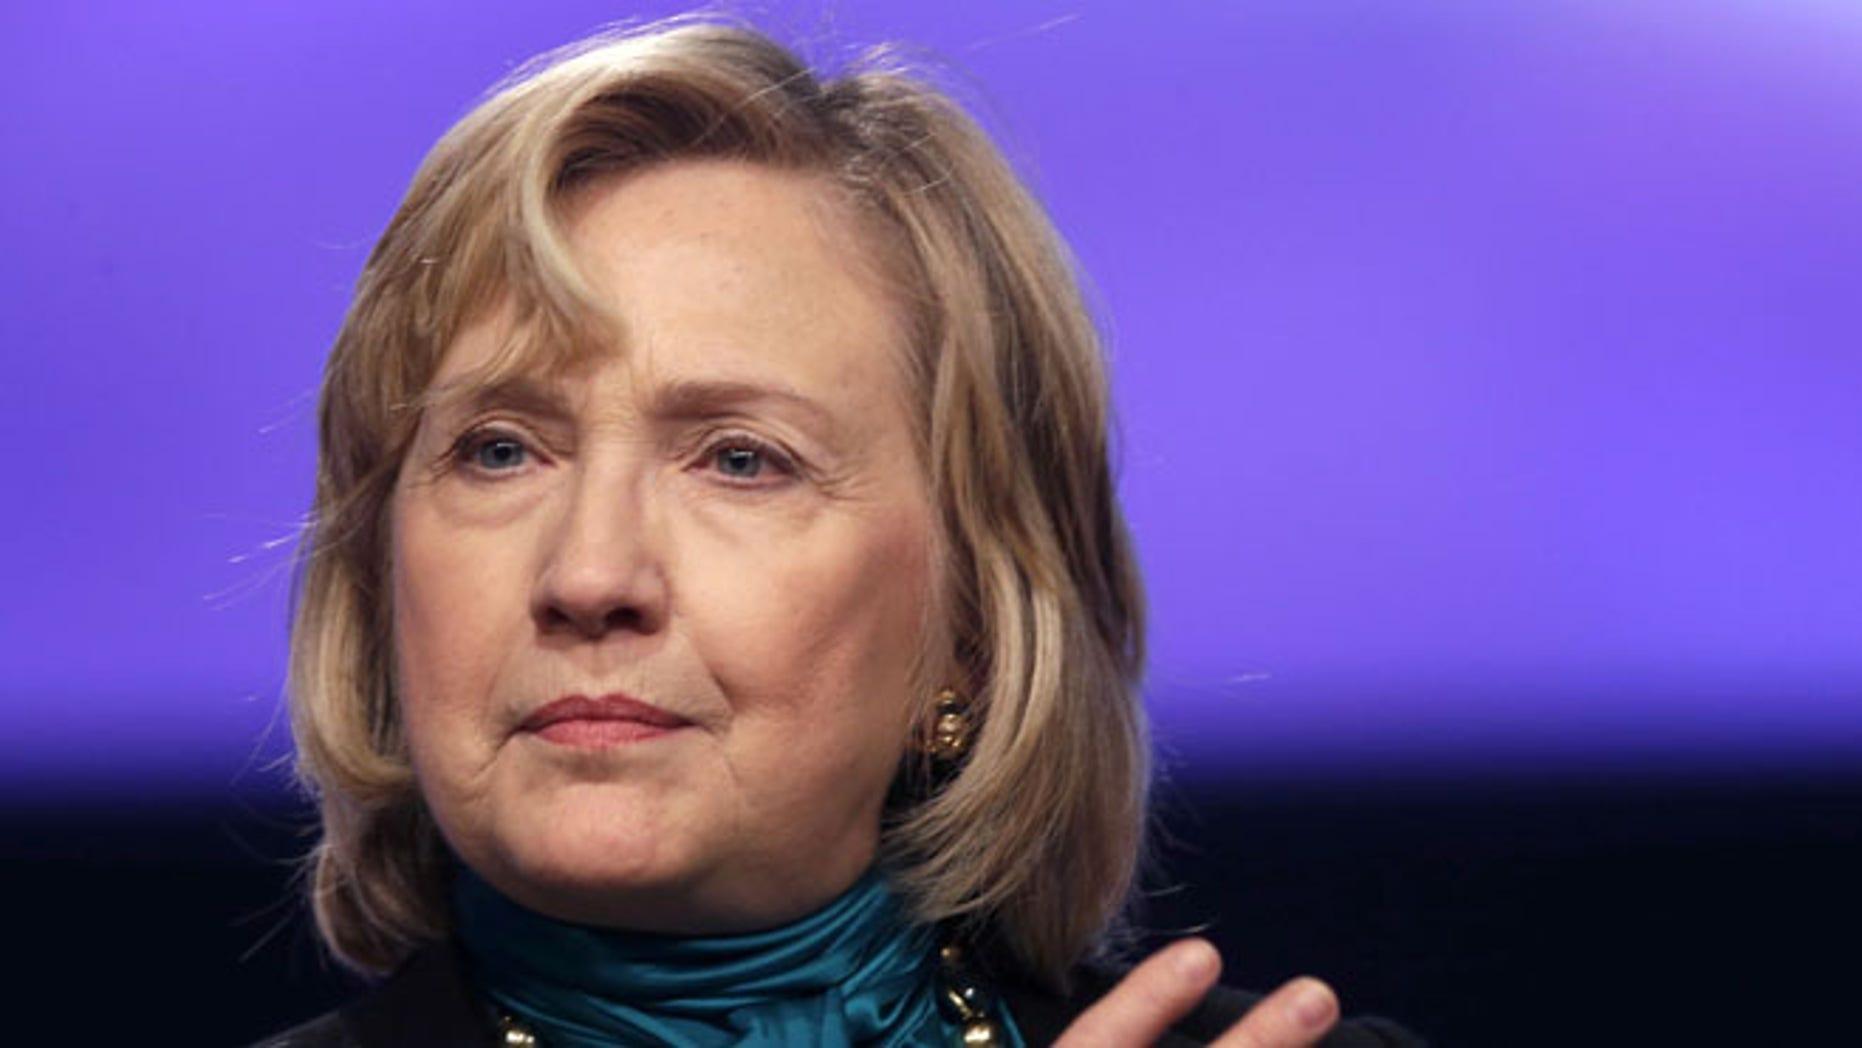 Jan. 27, 2014: Hillary Clinton speaks in New Orleans, Louisiana.